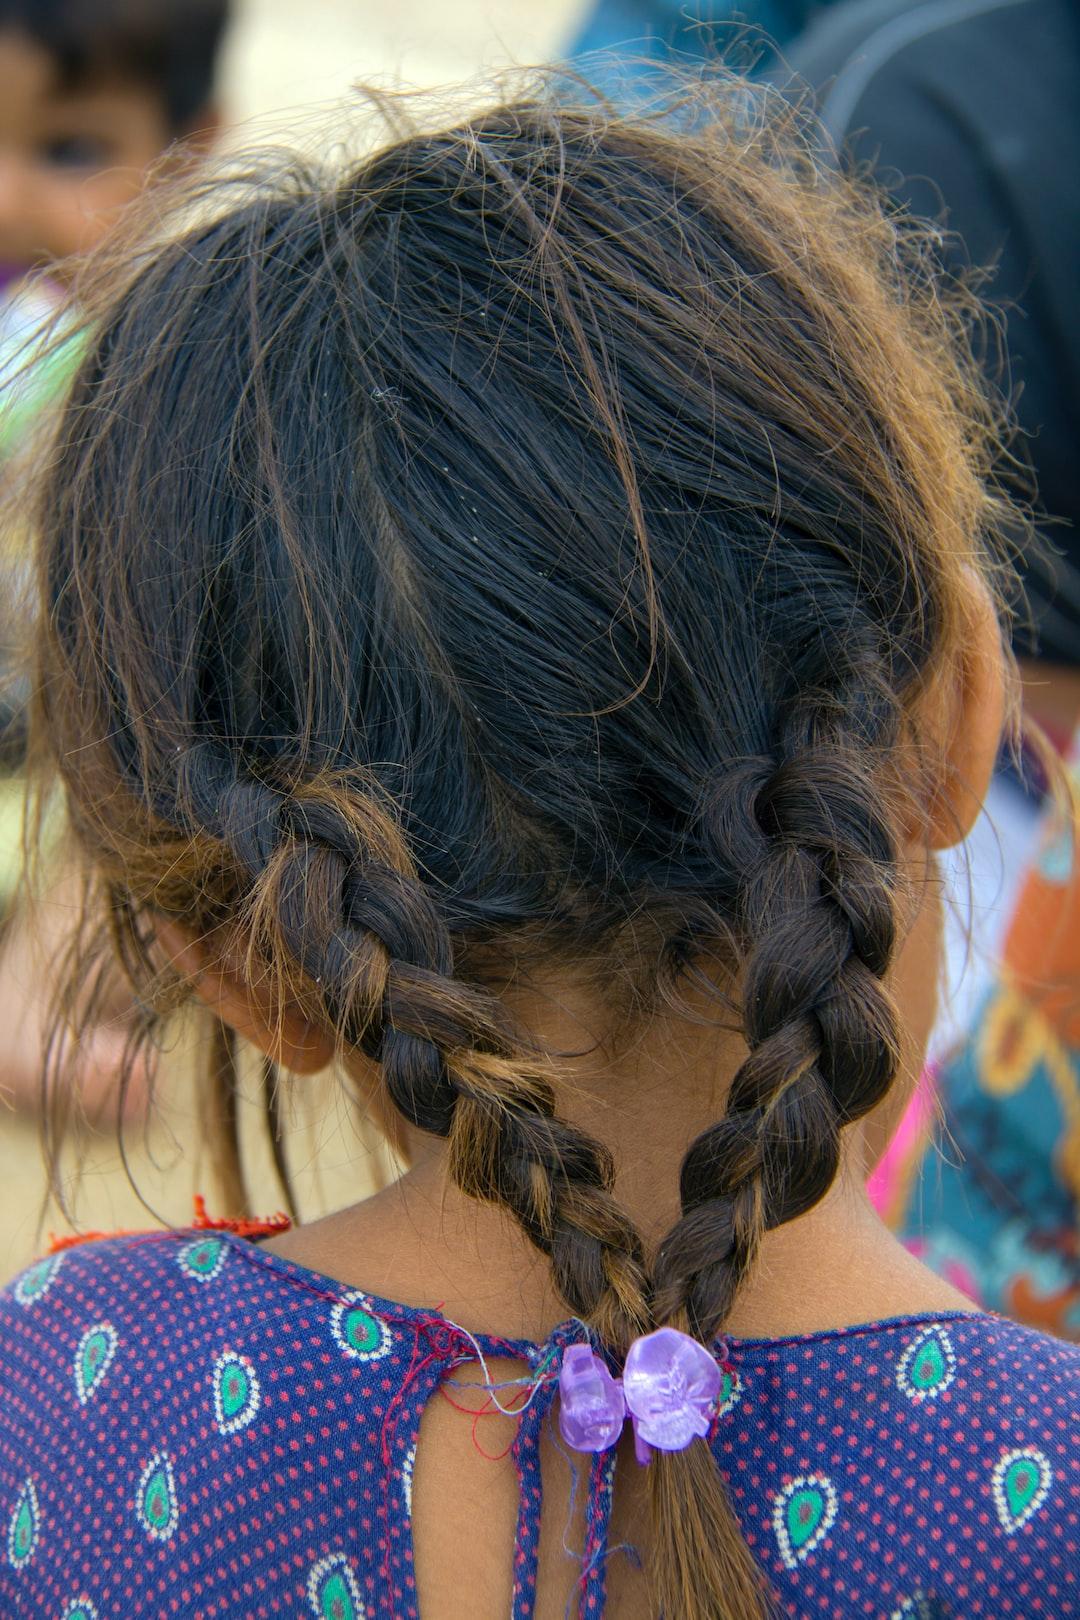 پرتره نگاری و ثبت مستند کودکان منطقه سیستان و بلوچستان با لباس های محلی در منطقه محل زندگی، در حال بازی - (ایران-سیستان و بلوچستان-رمشک-روستای اشکوتو)